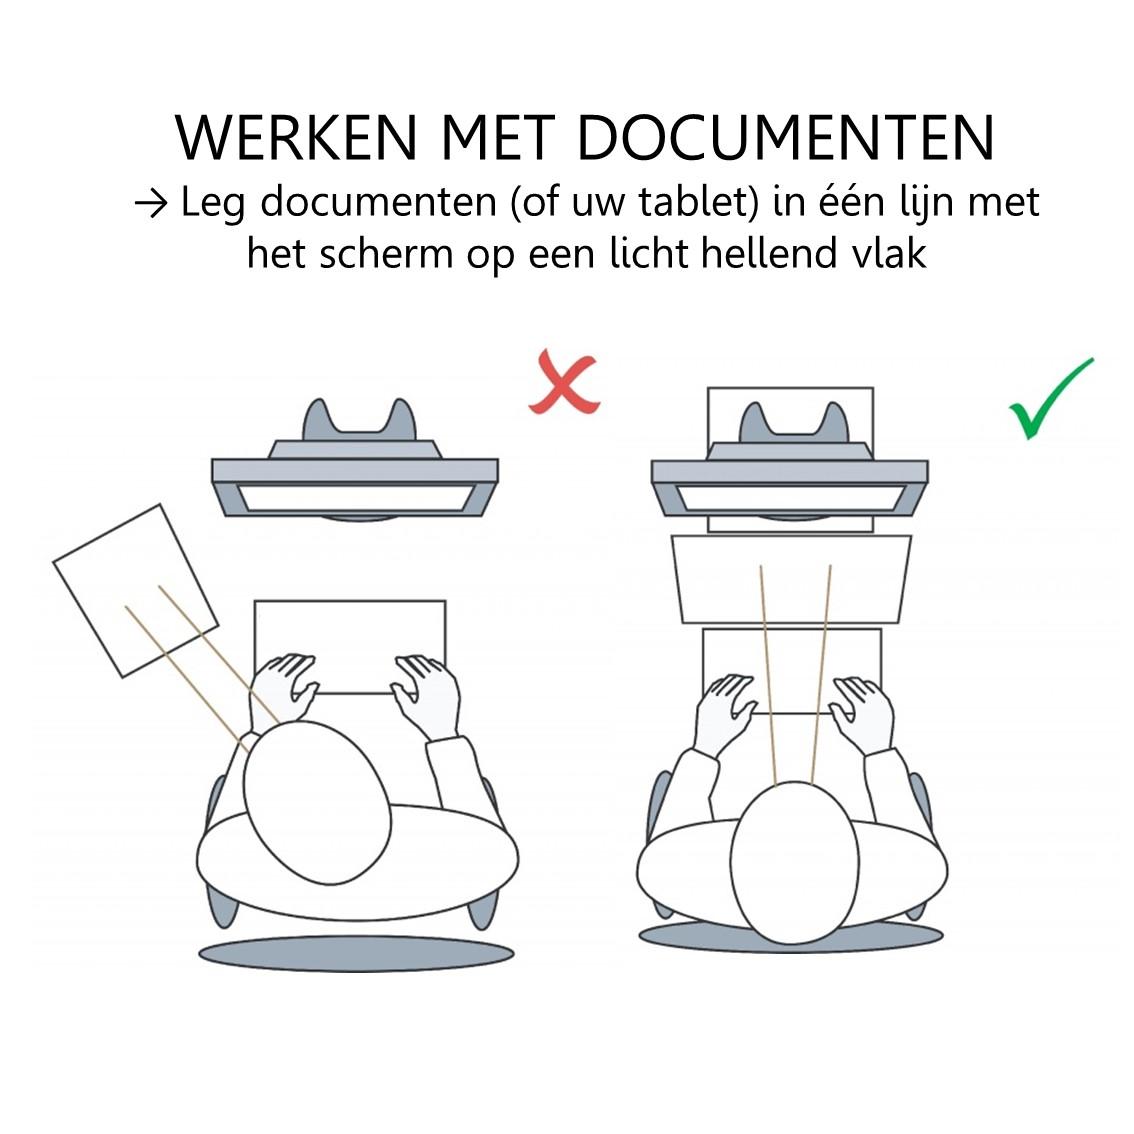 Ergonomische werken met een documenthouder